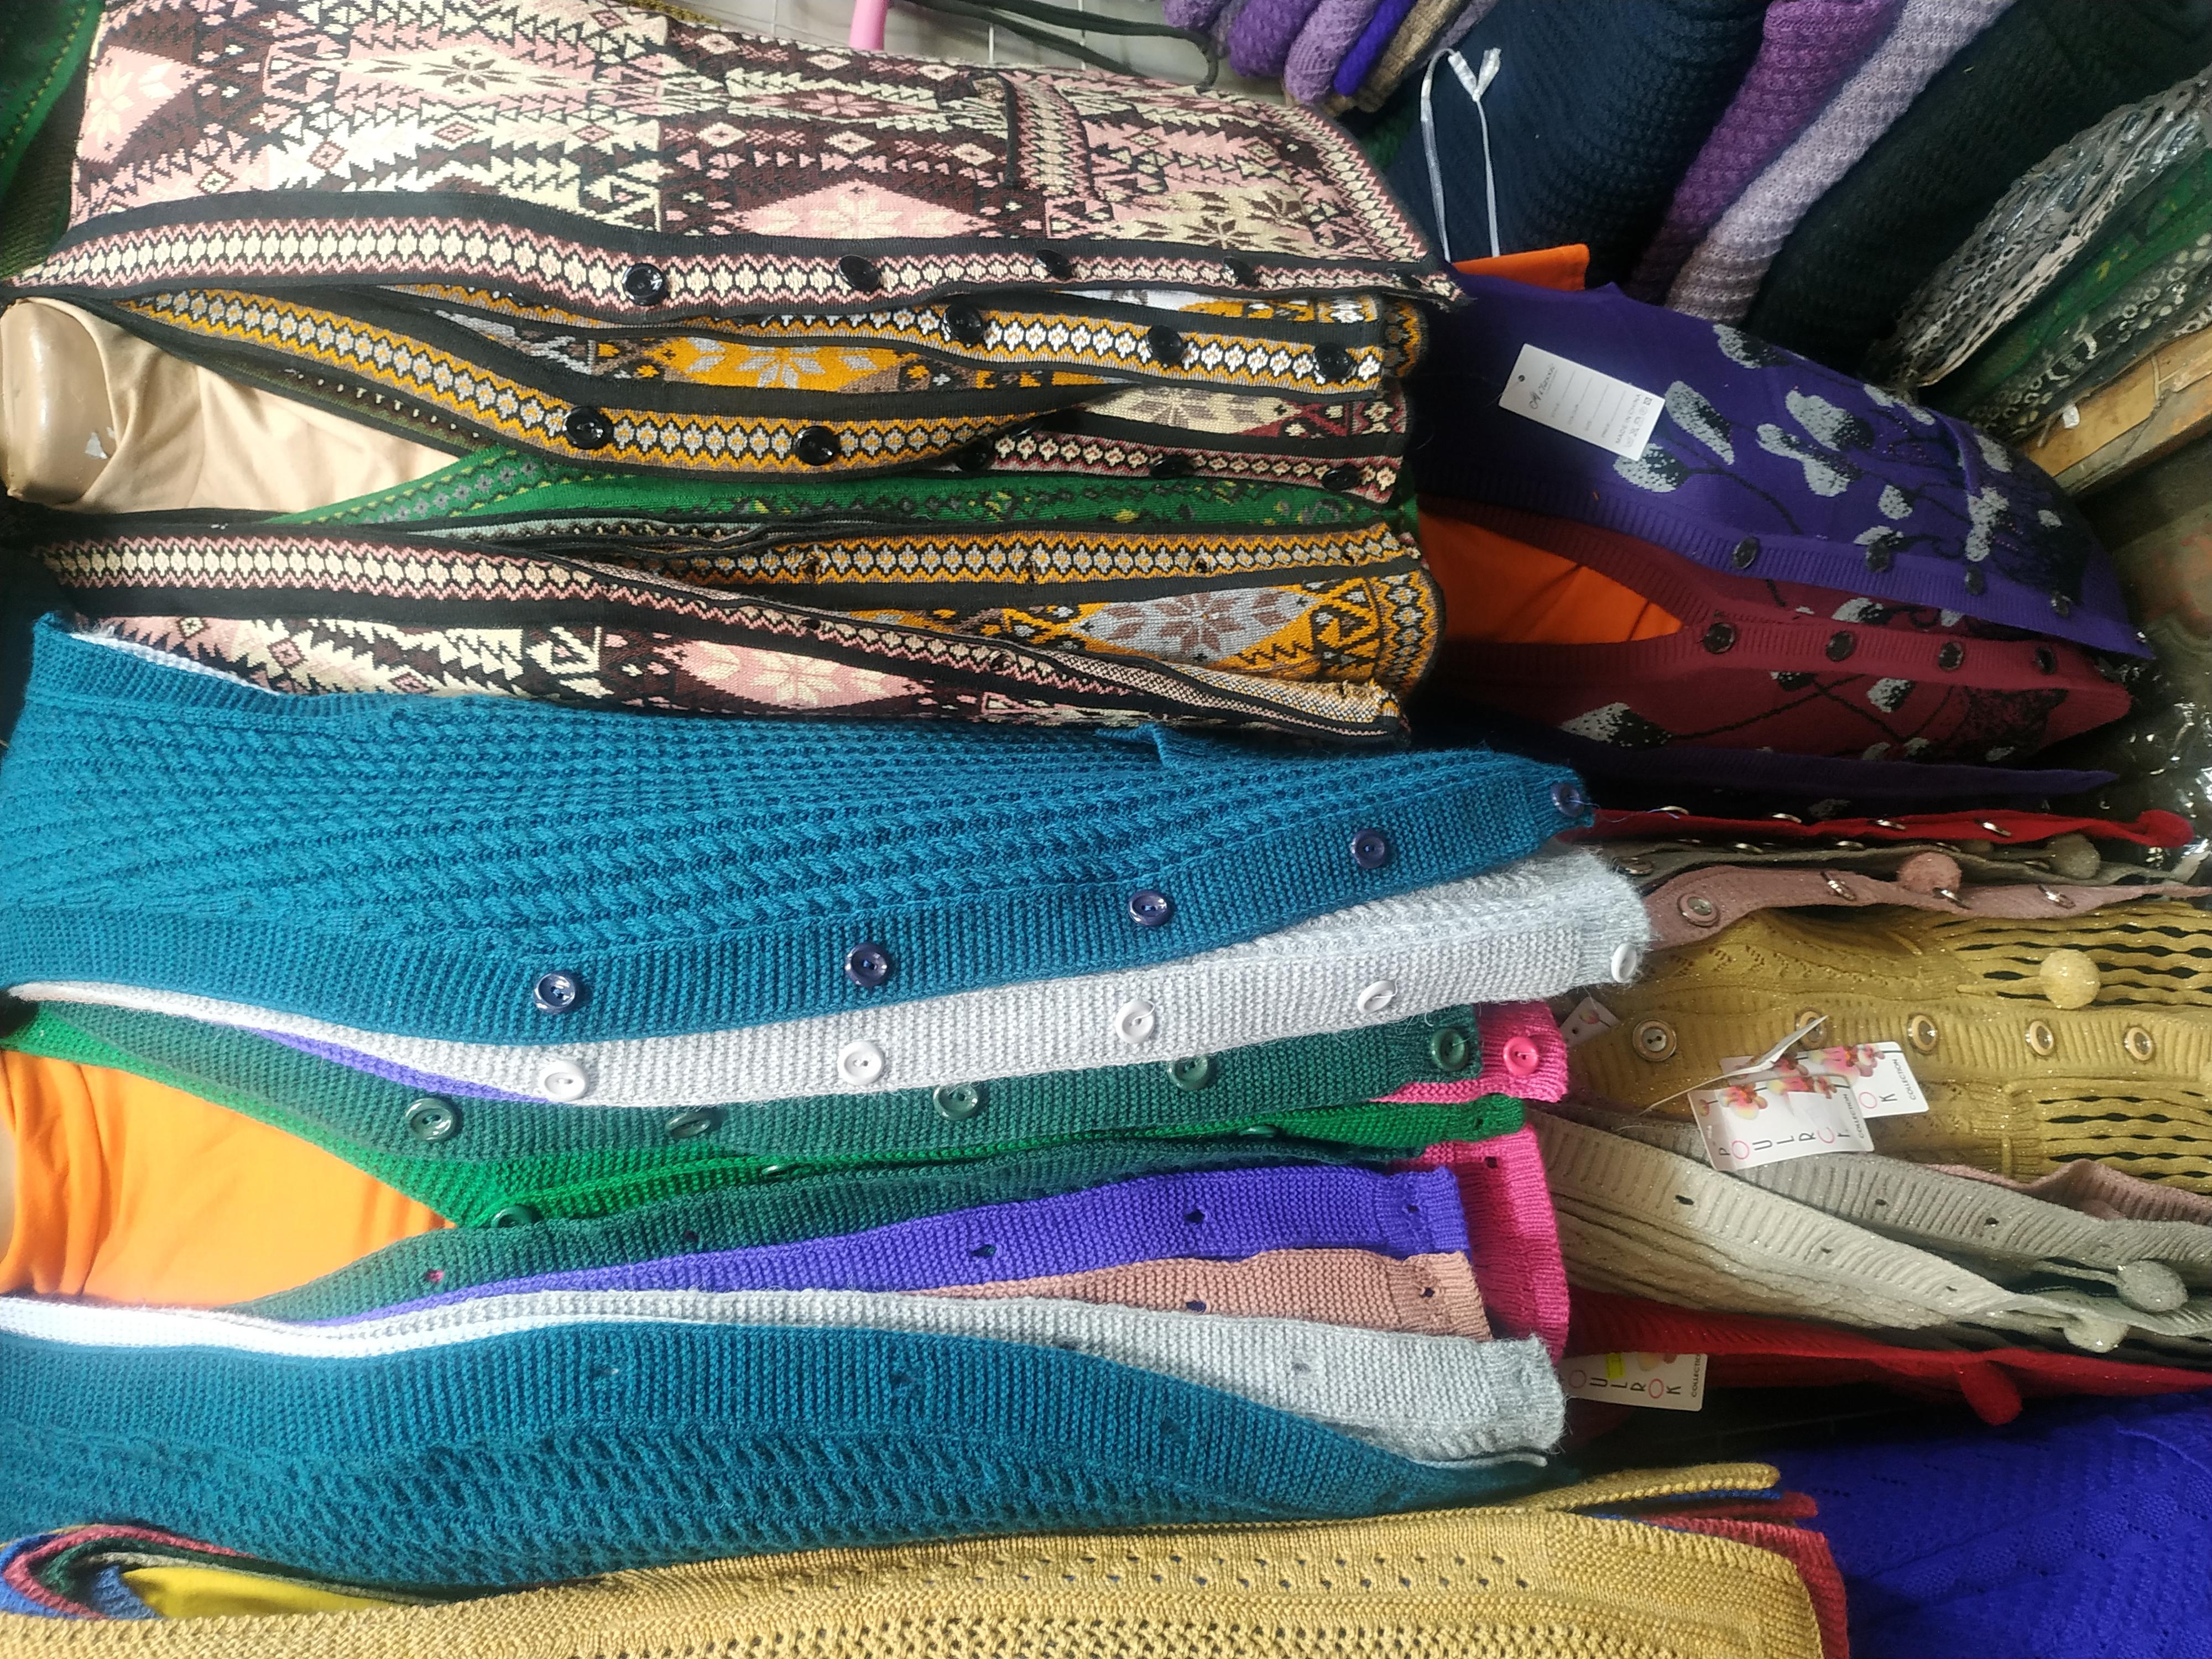 <p>Закупаем оптом женские джемпера, жилеты, кардиганы, кофты, свитера для возраста выше 40 лет. Объем закупа от 100 штук и больше.</p>